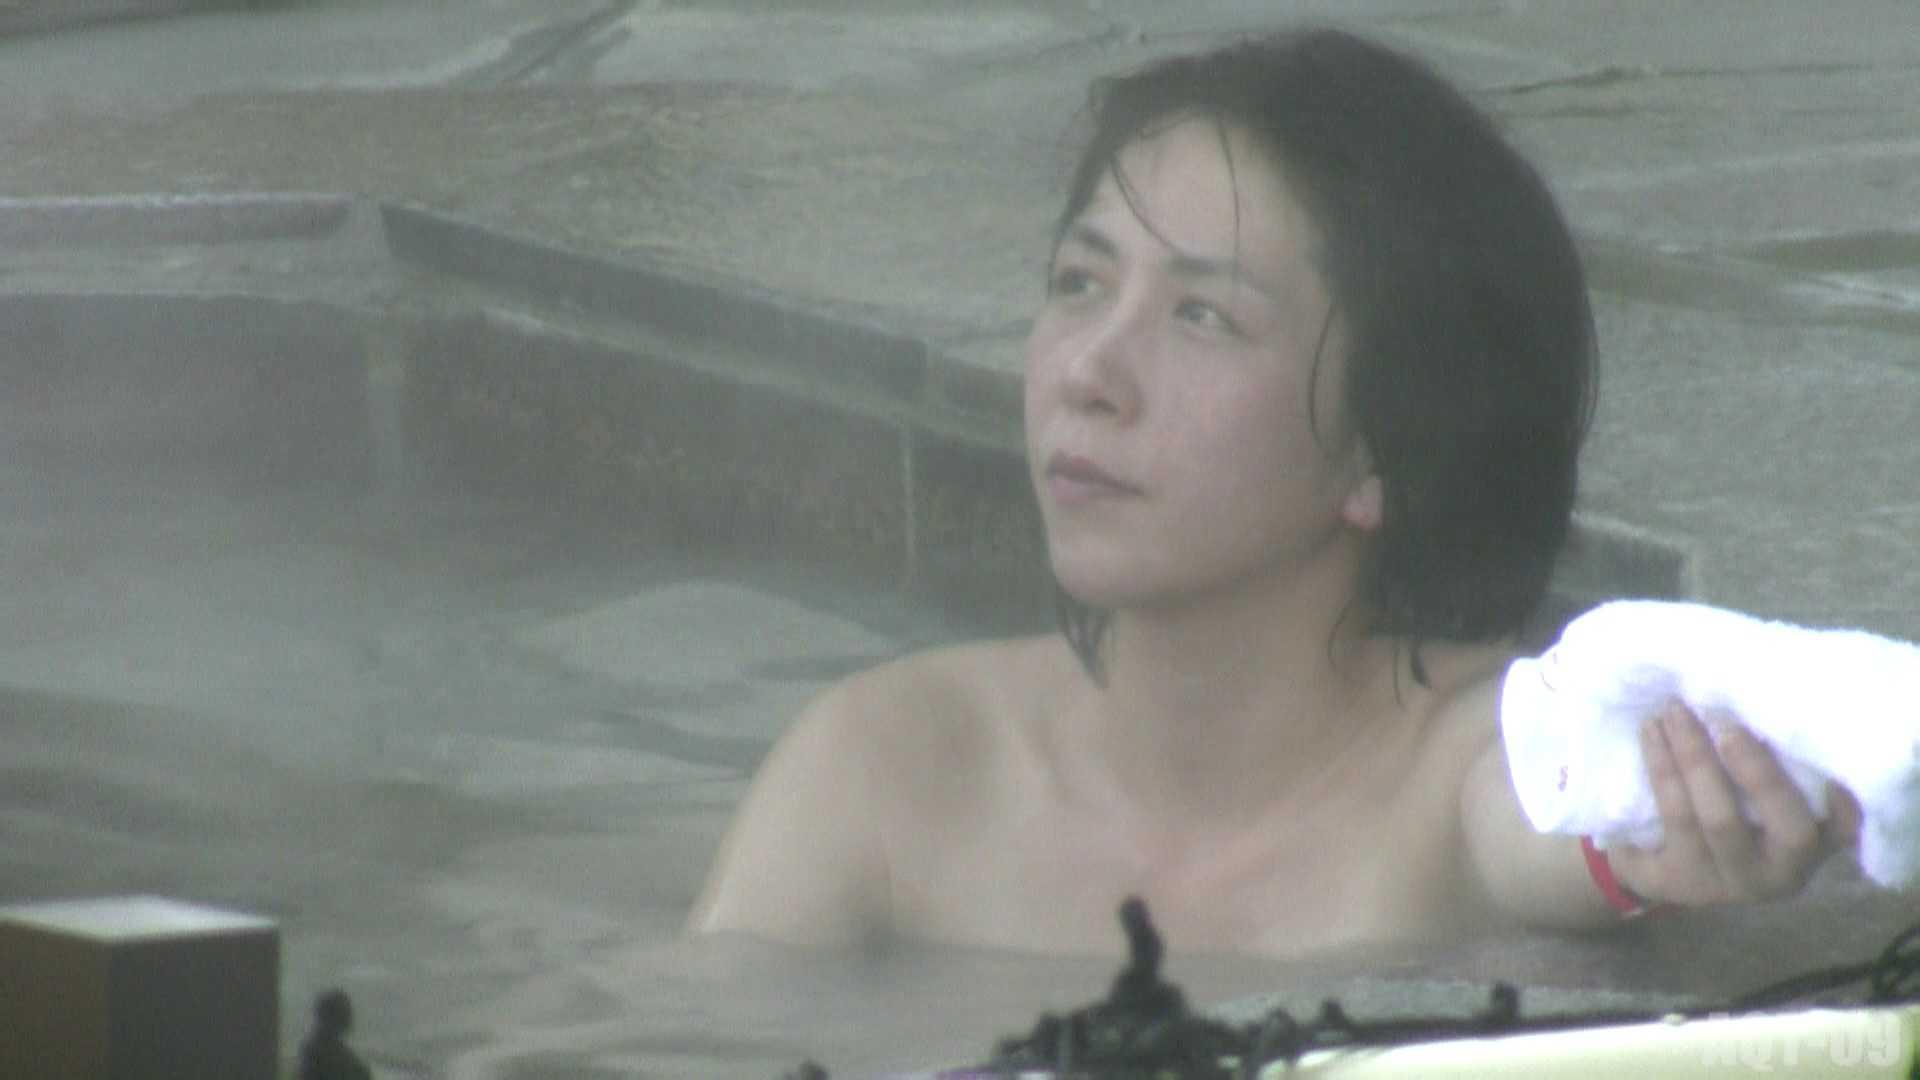 Aquaな露天風呂Vol.788 盗撮 性交動画流出 48PICs 17